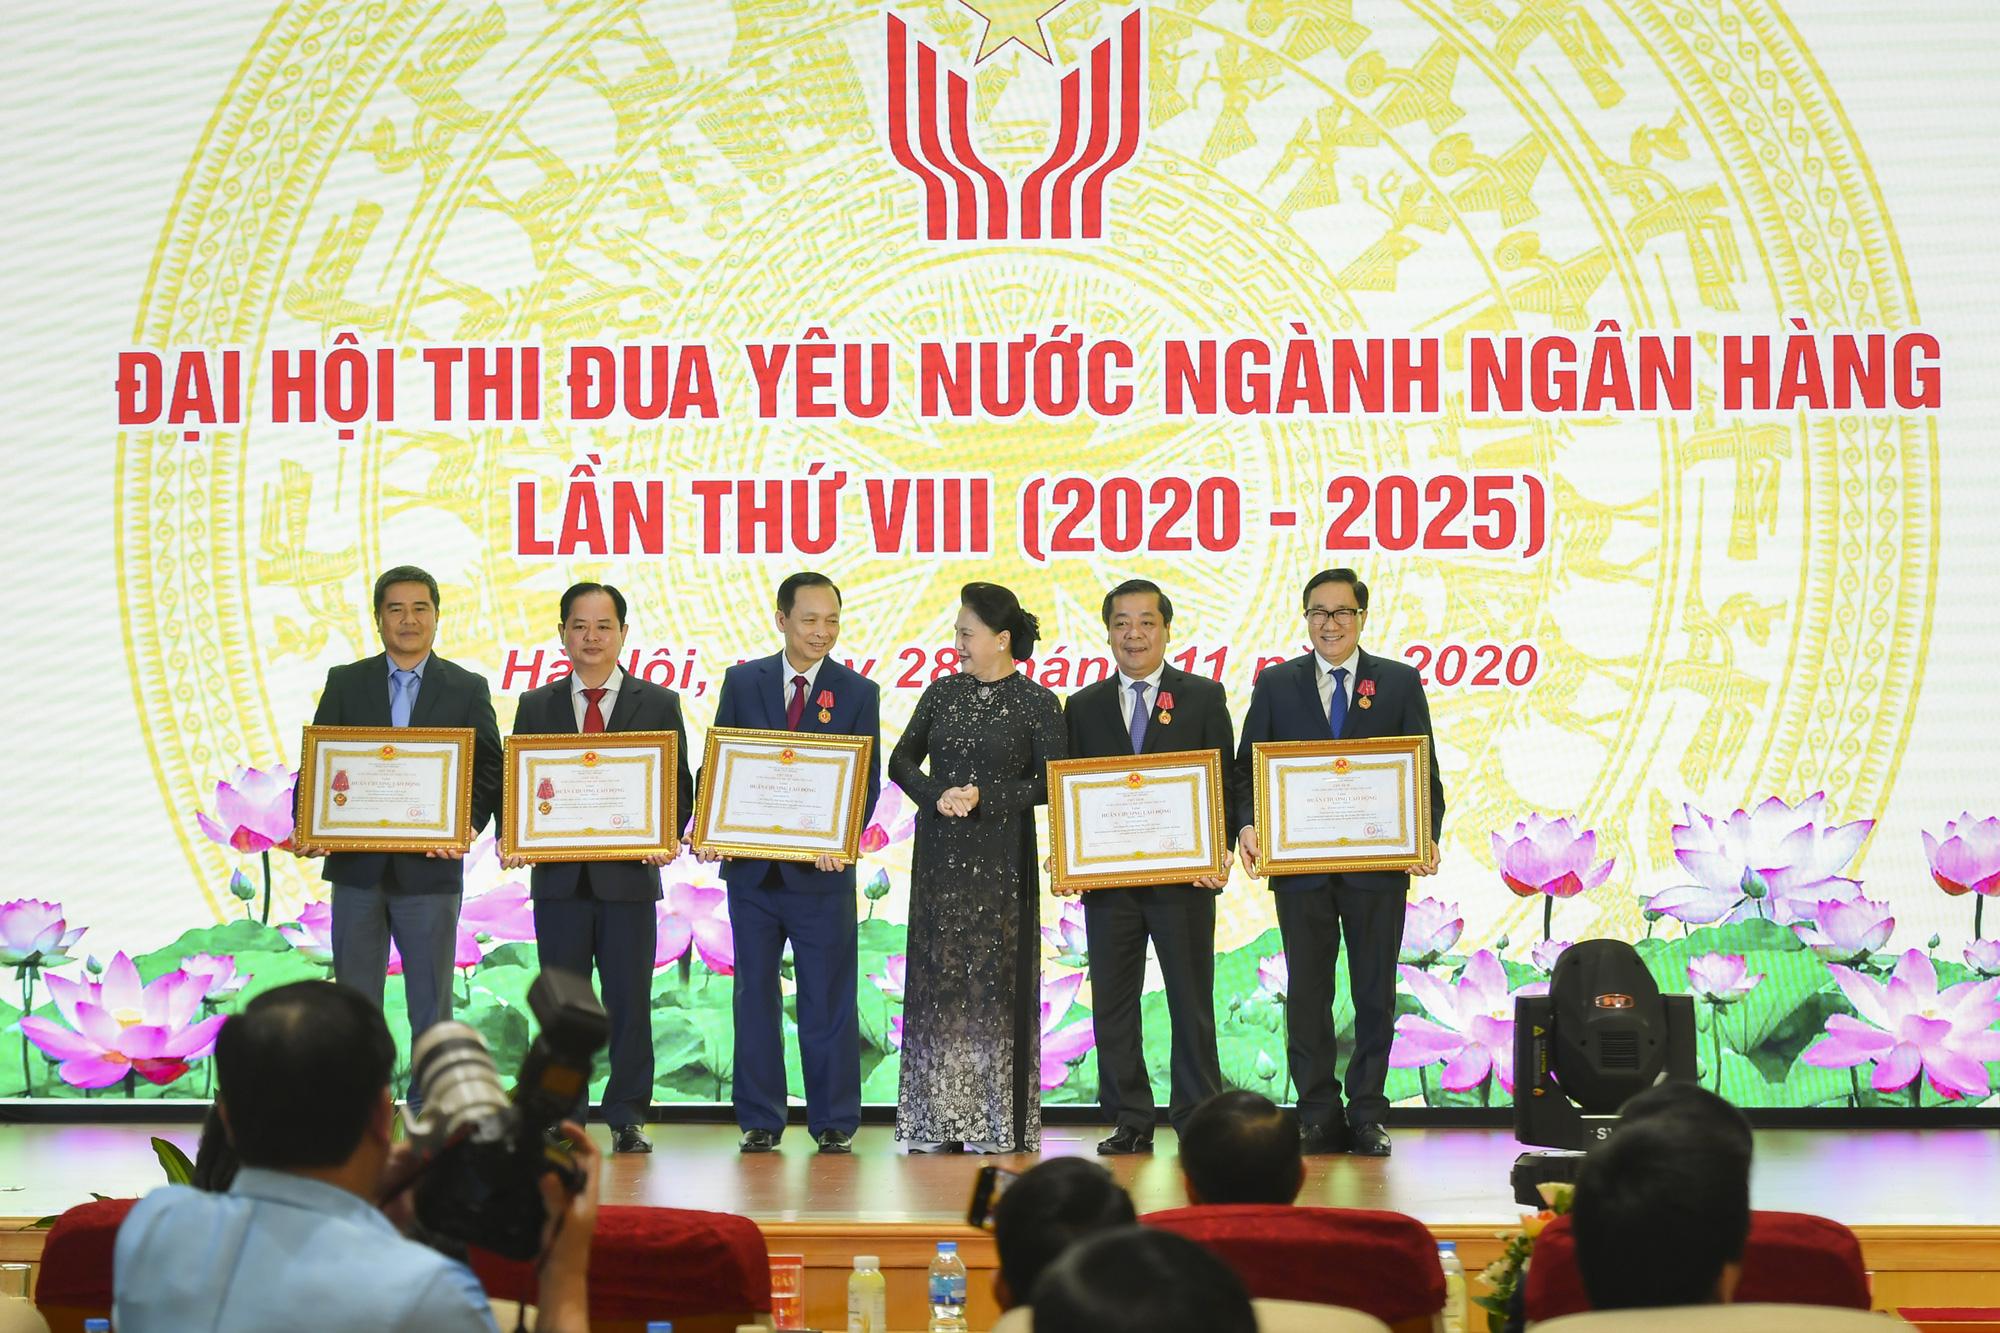 Chủ tịch Quốc hội dự Đại hội thi đua yêu nước ngành Ngân hàng - Ảnh 2.